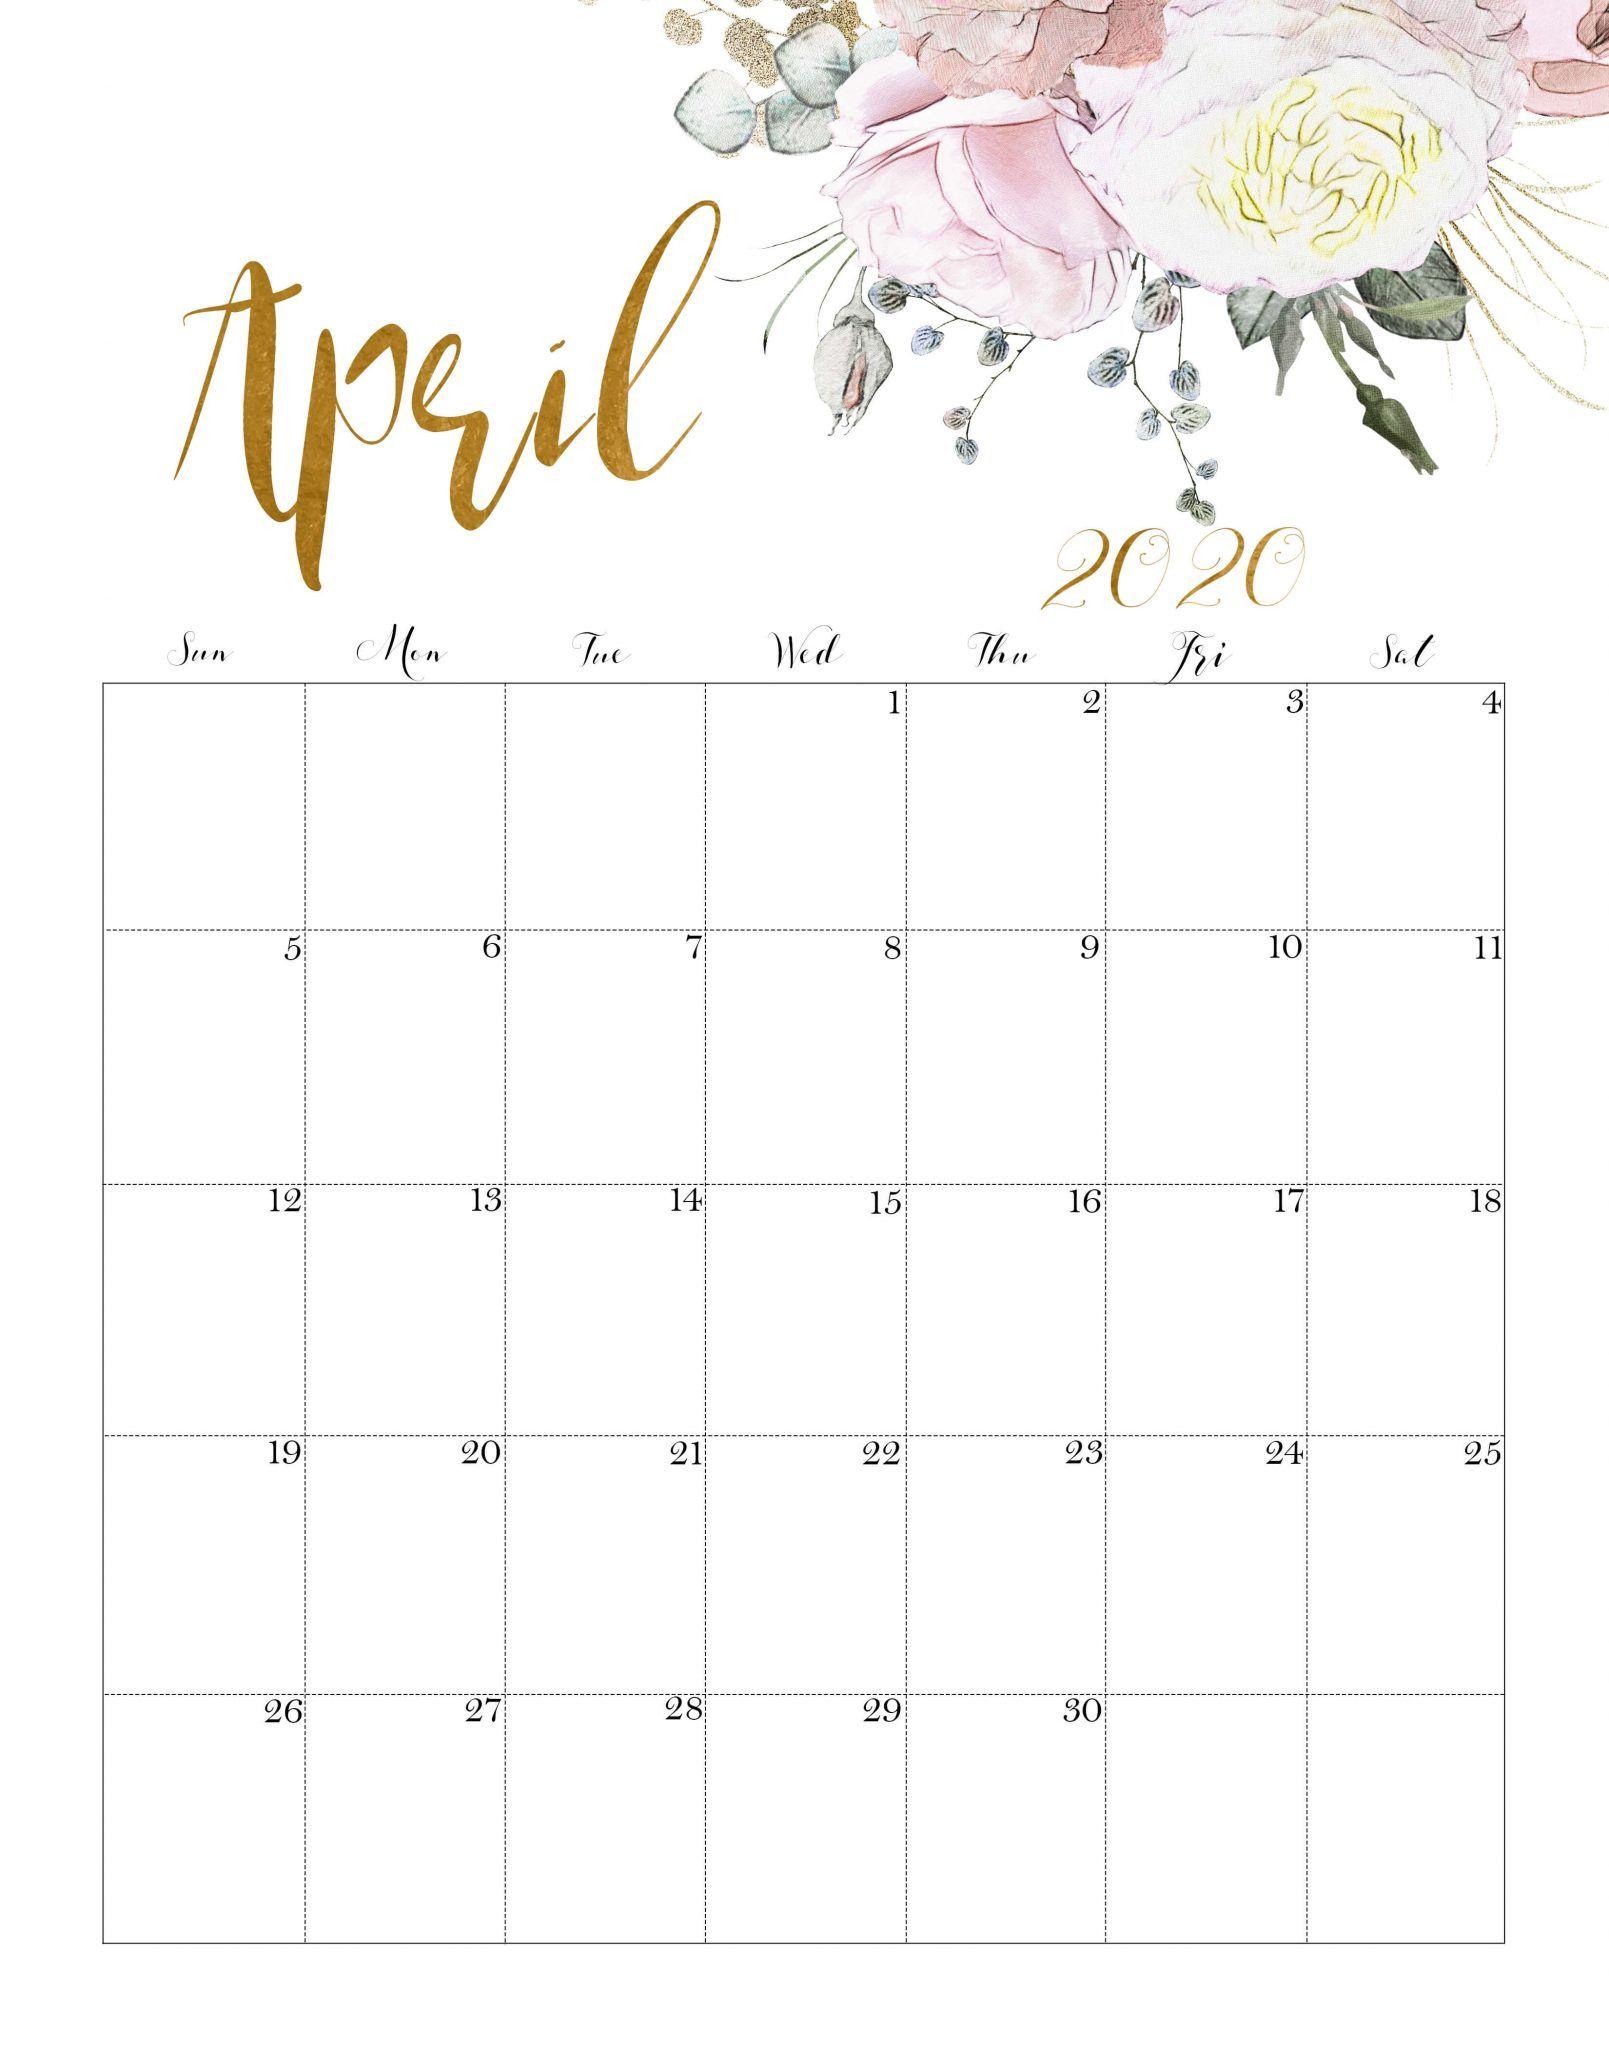 Cute April 2020 Calendar Printable Hd Wallpaper Floral Design In